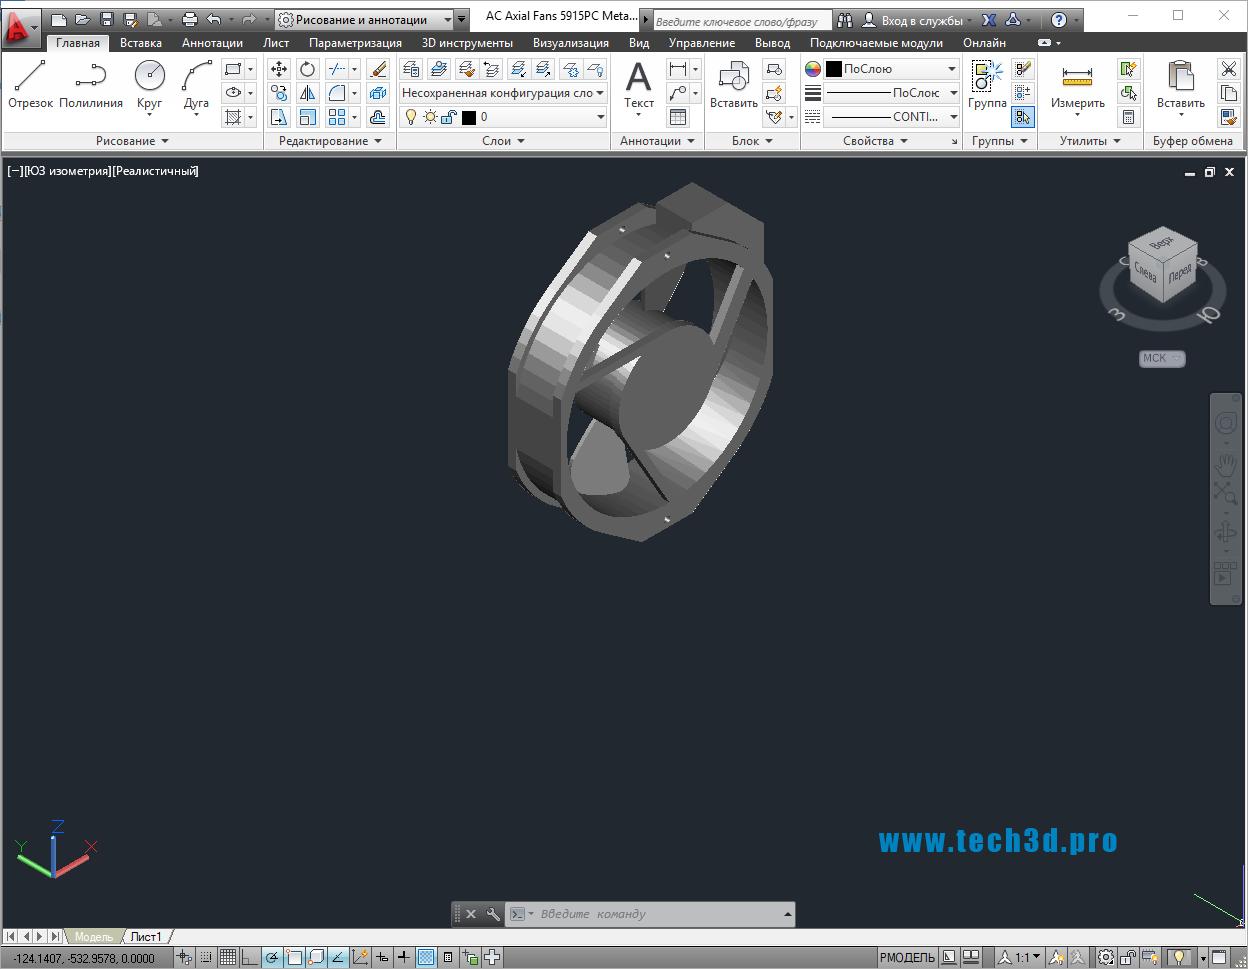 3D модель вентилятора без корпуса